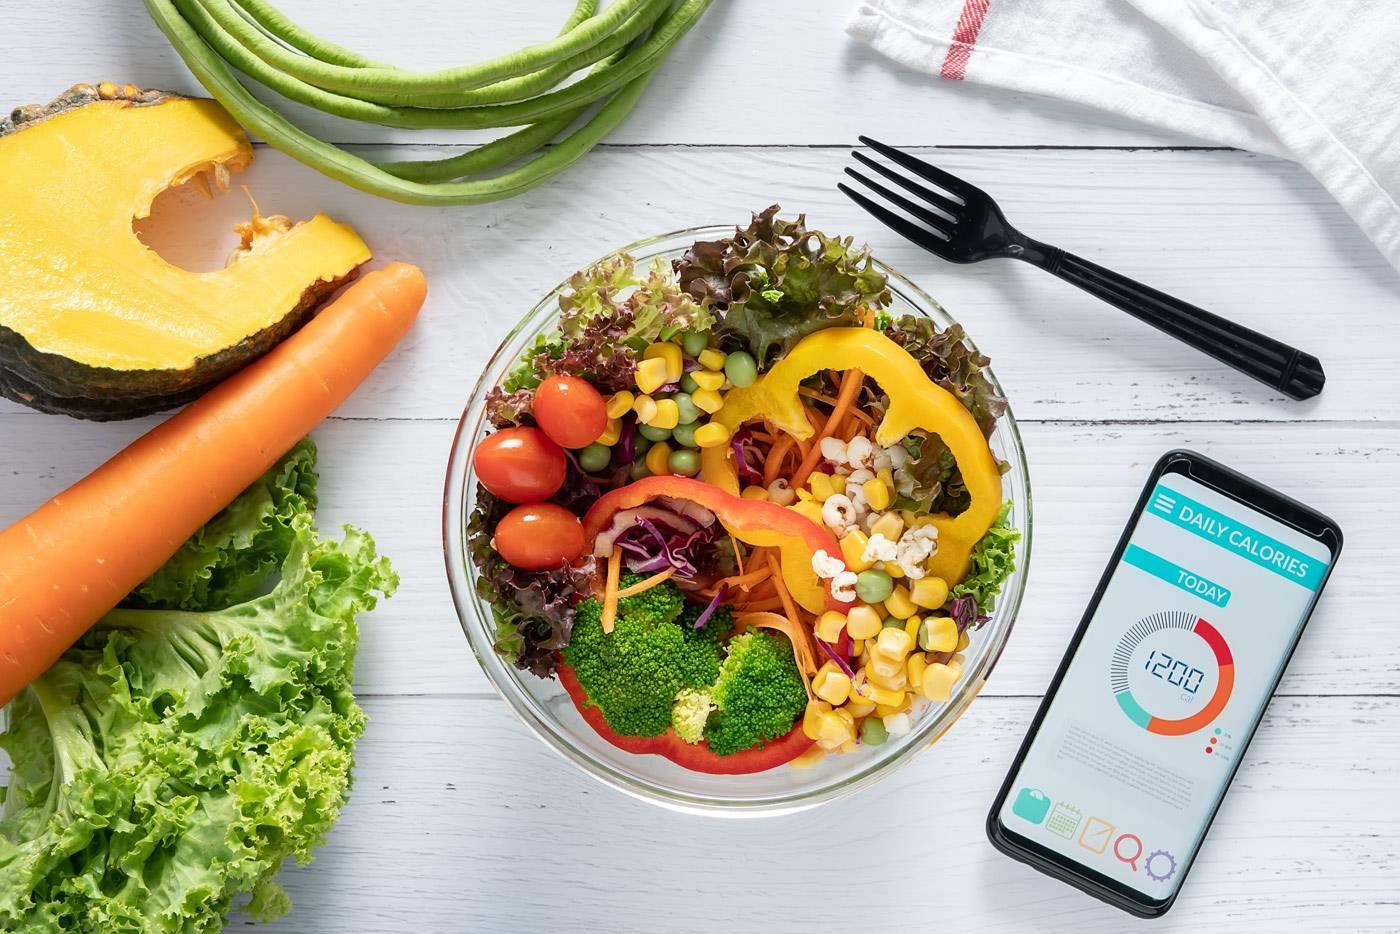 Самый калорийный продукт в мире таблица. самая калорийная еда. самые калорийные кисломолочные продукты